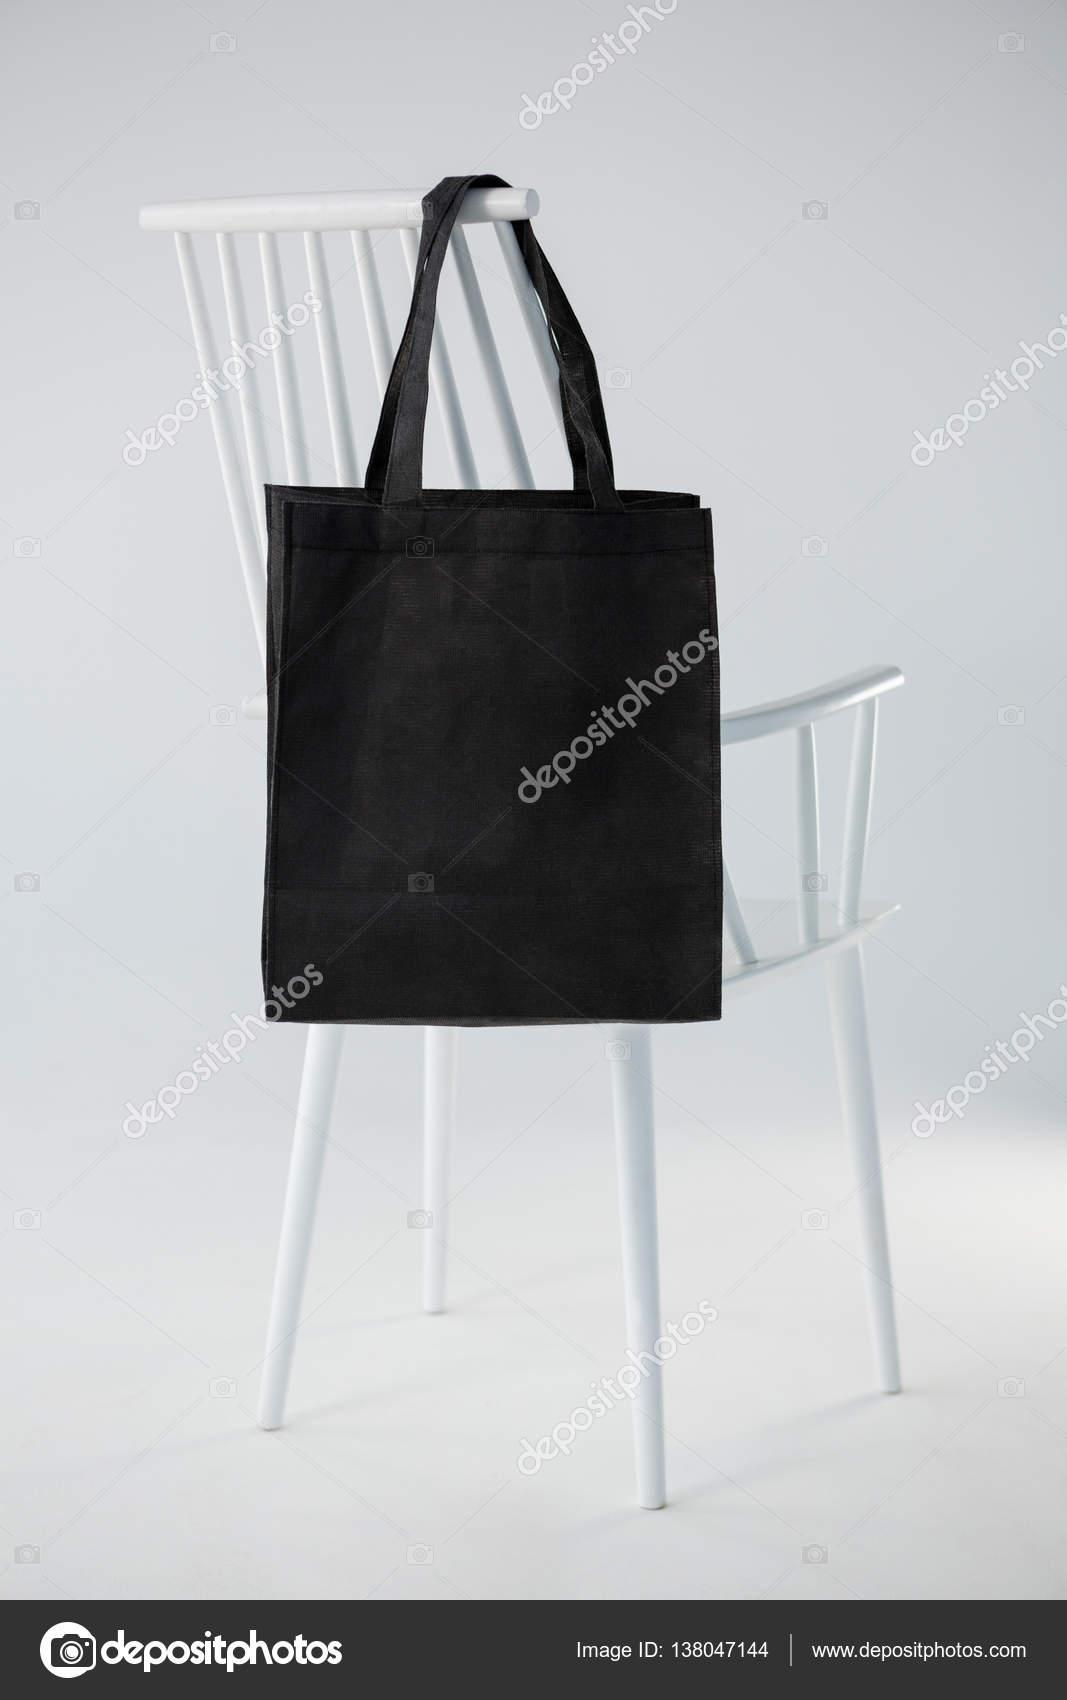 Sac Noir Accroche Sur Une Chaise Blanche Fond Blanc Image De Wavebreakmedia